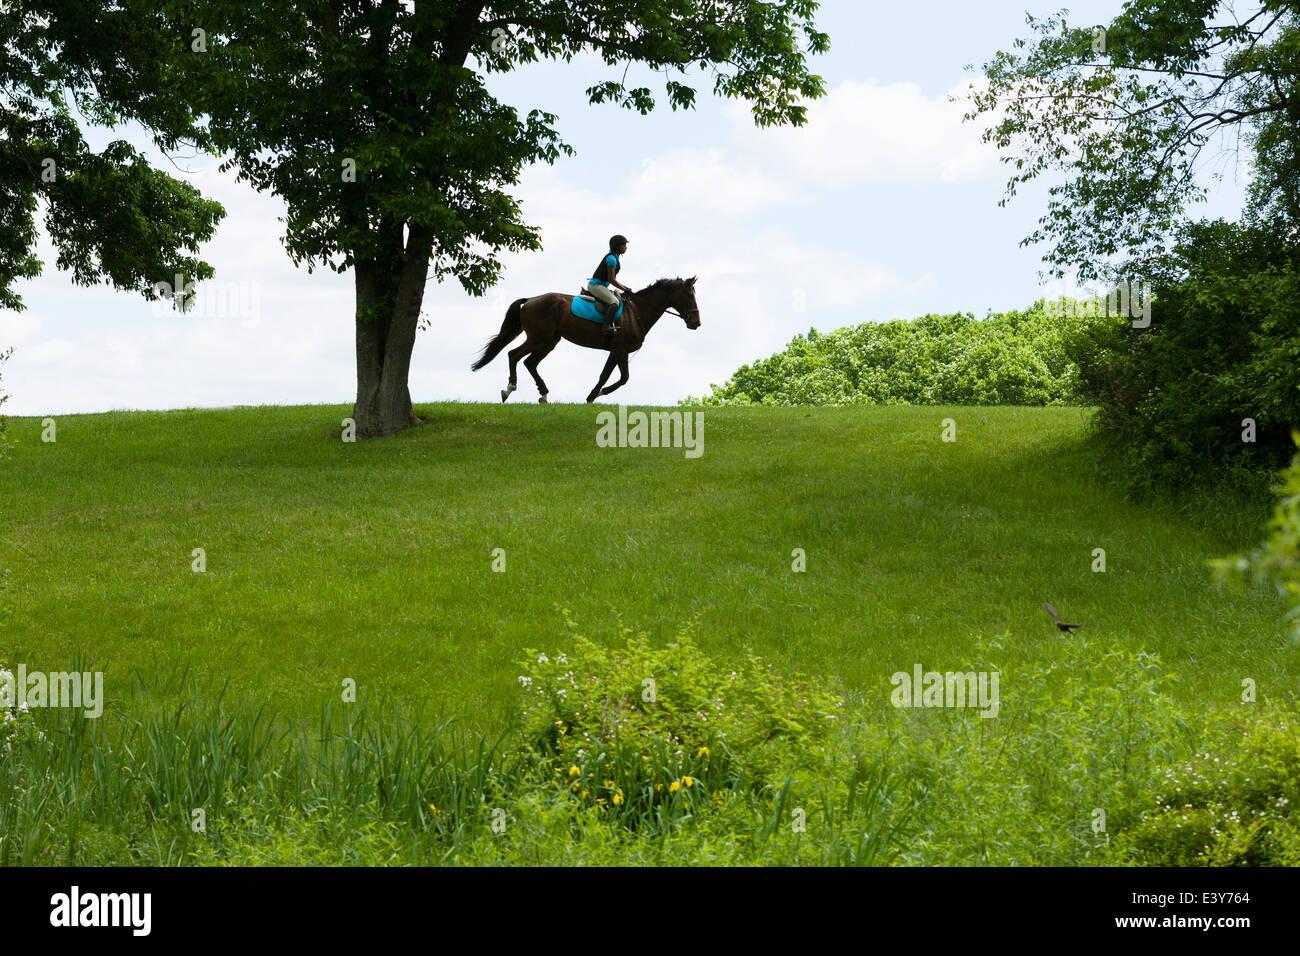 Cavallo cavaliere a cavallo attraverso il paesaggio di campo Immagini Stock